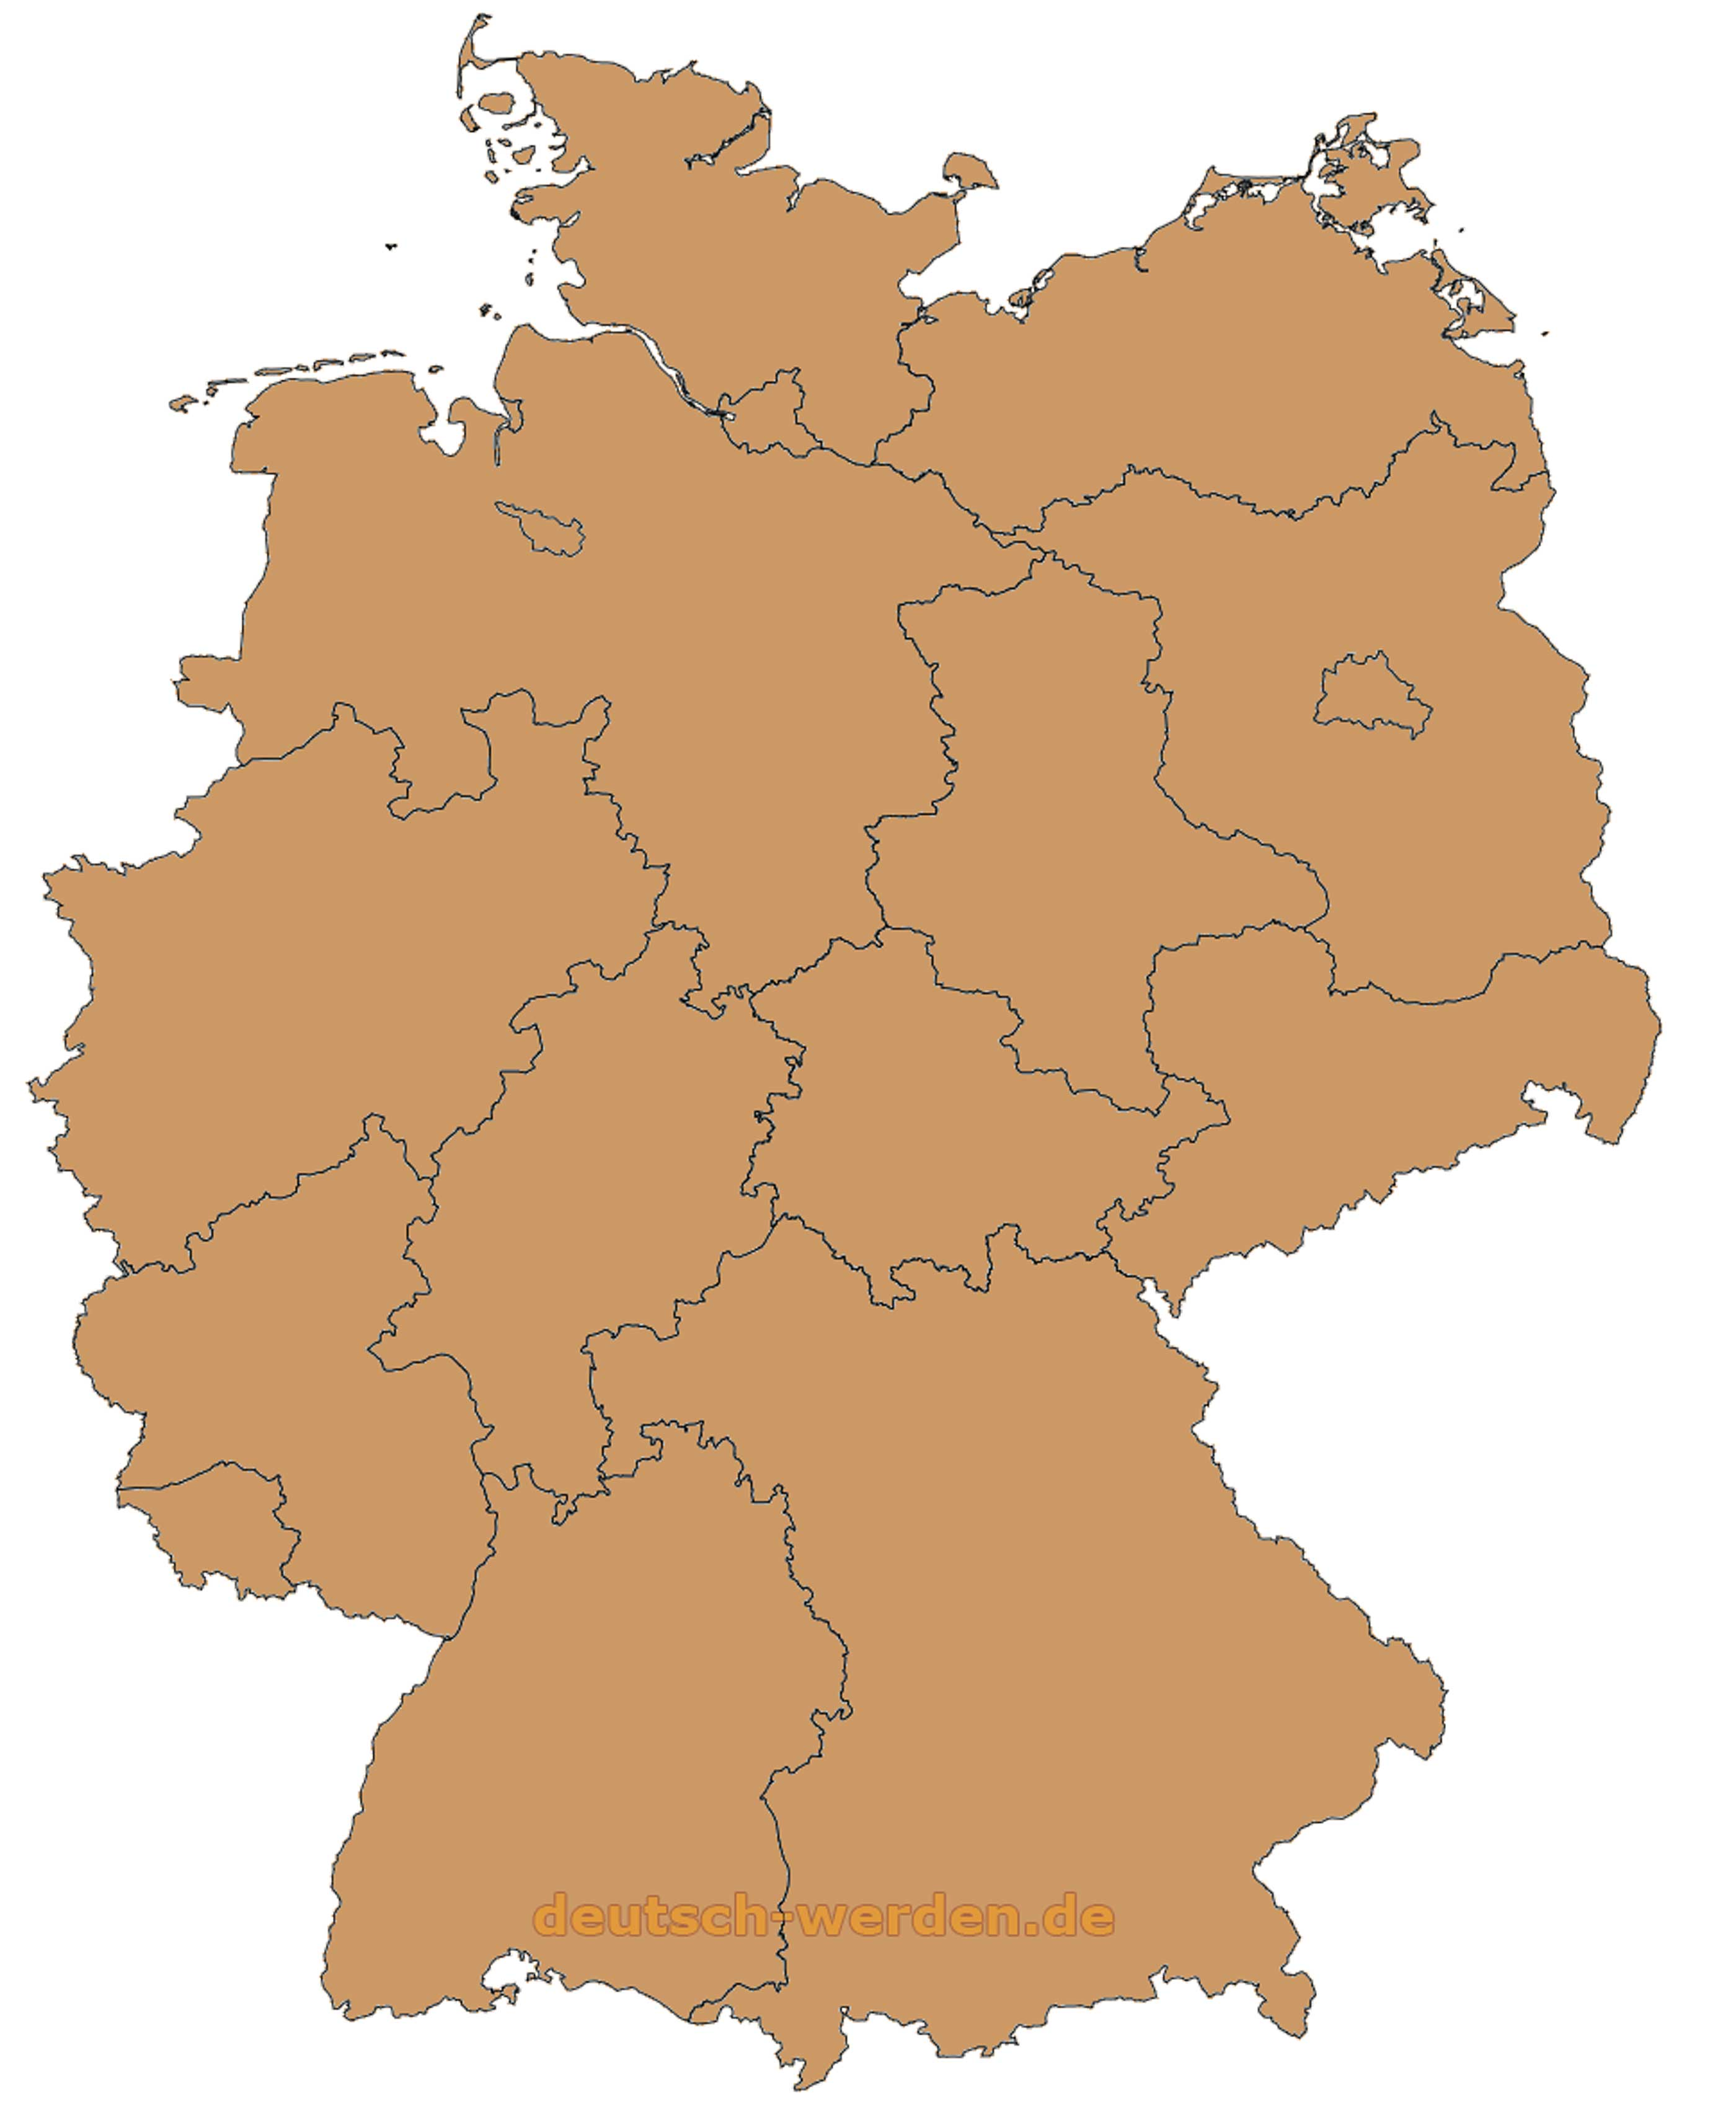 Karte Bundesländer.Deutschland Karte Mit Ohne Bundesländer Leere Karten